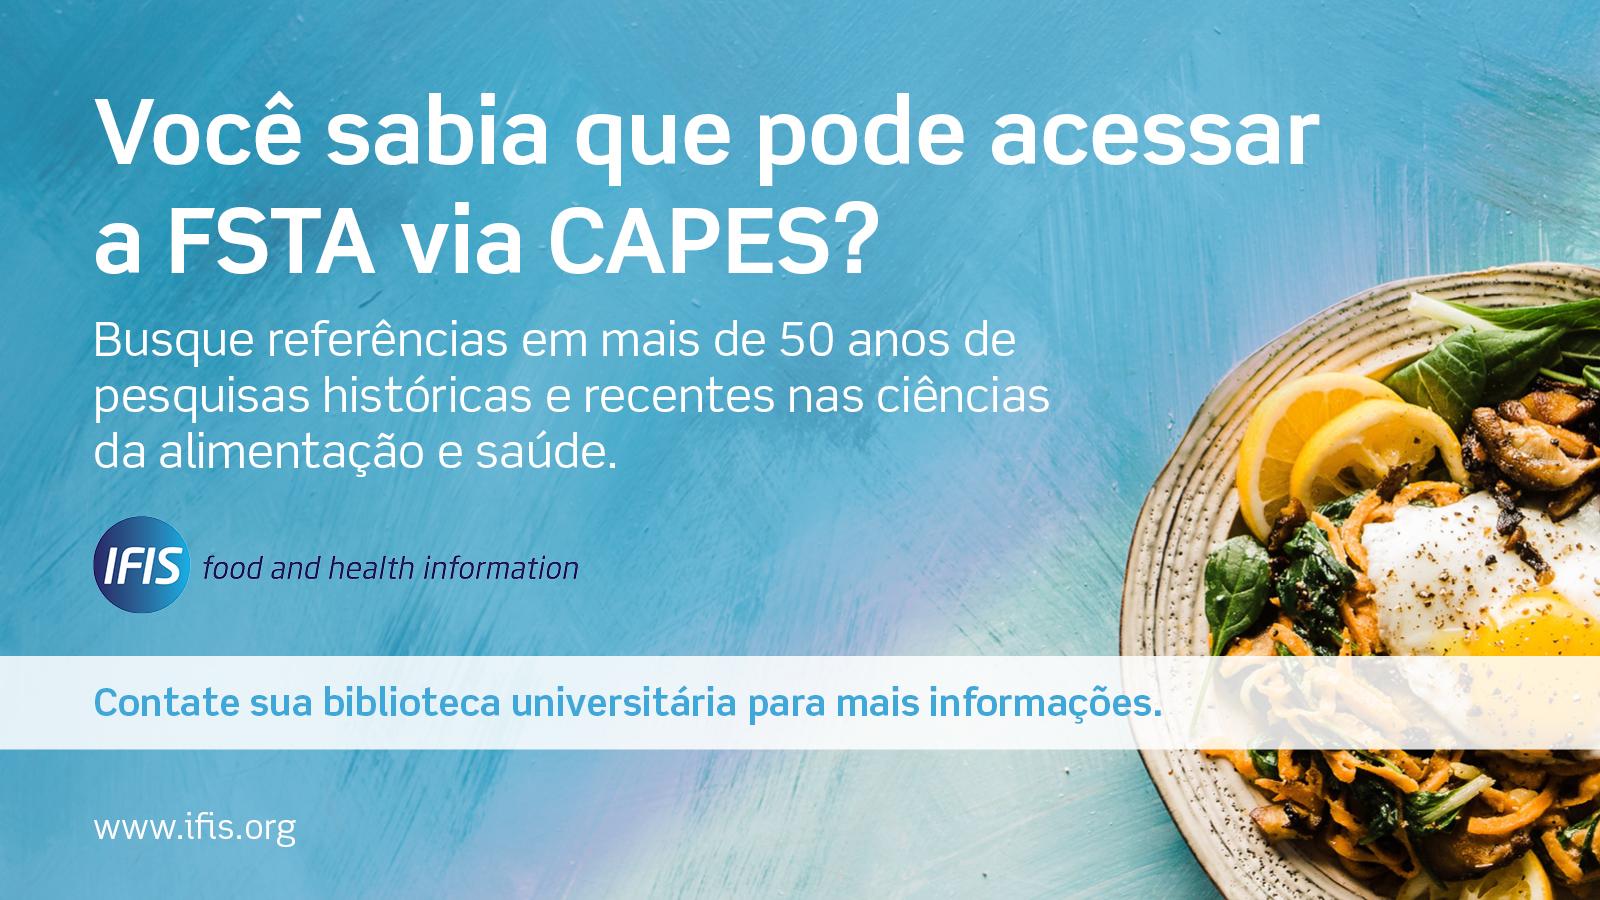 FSTA social media graphic - Portuguese